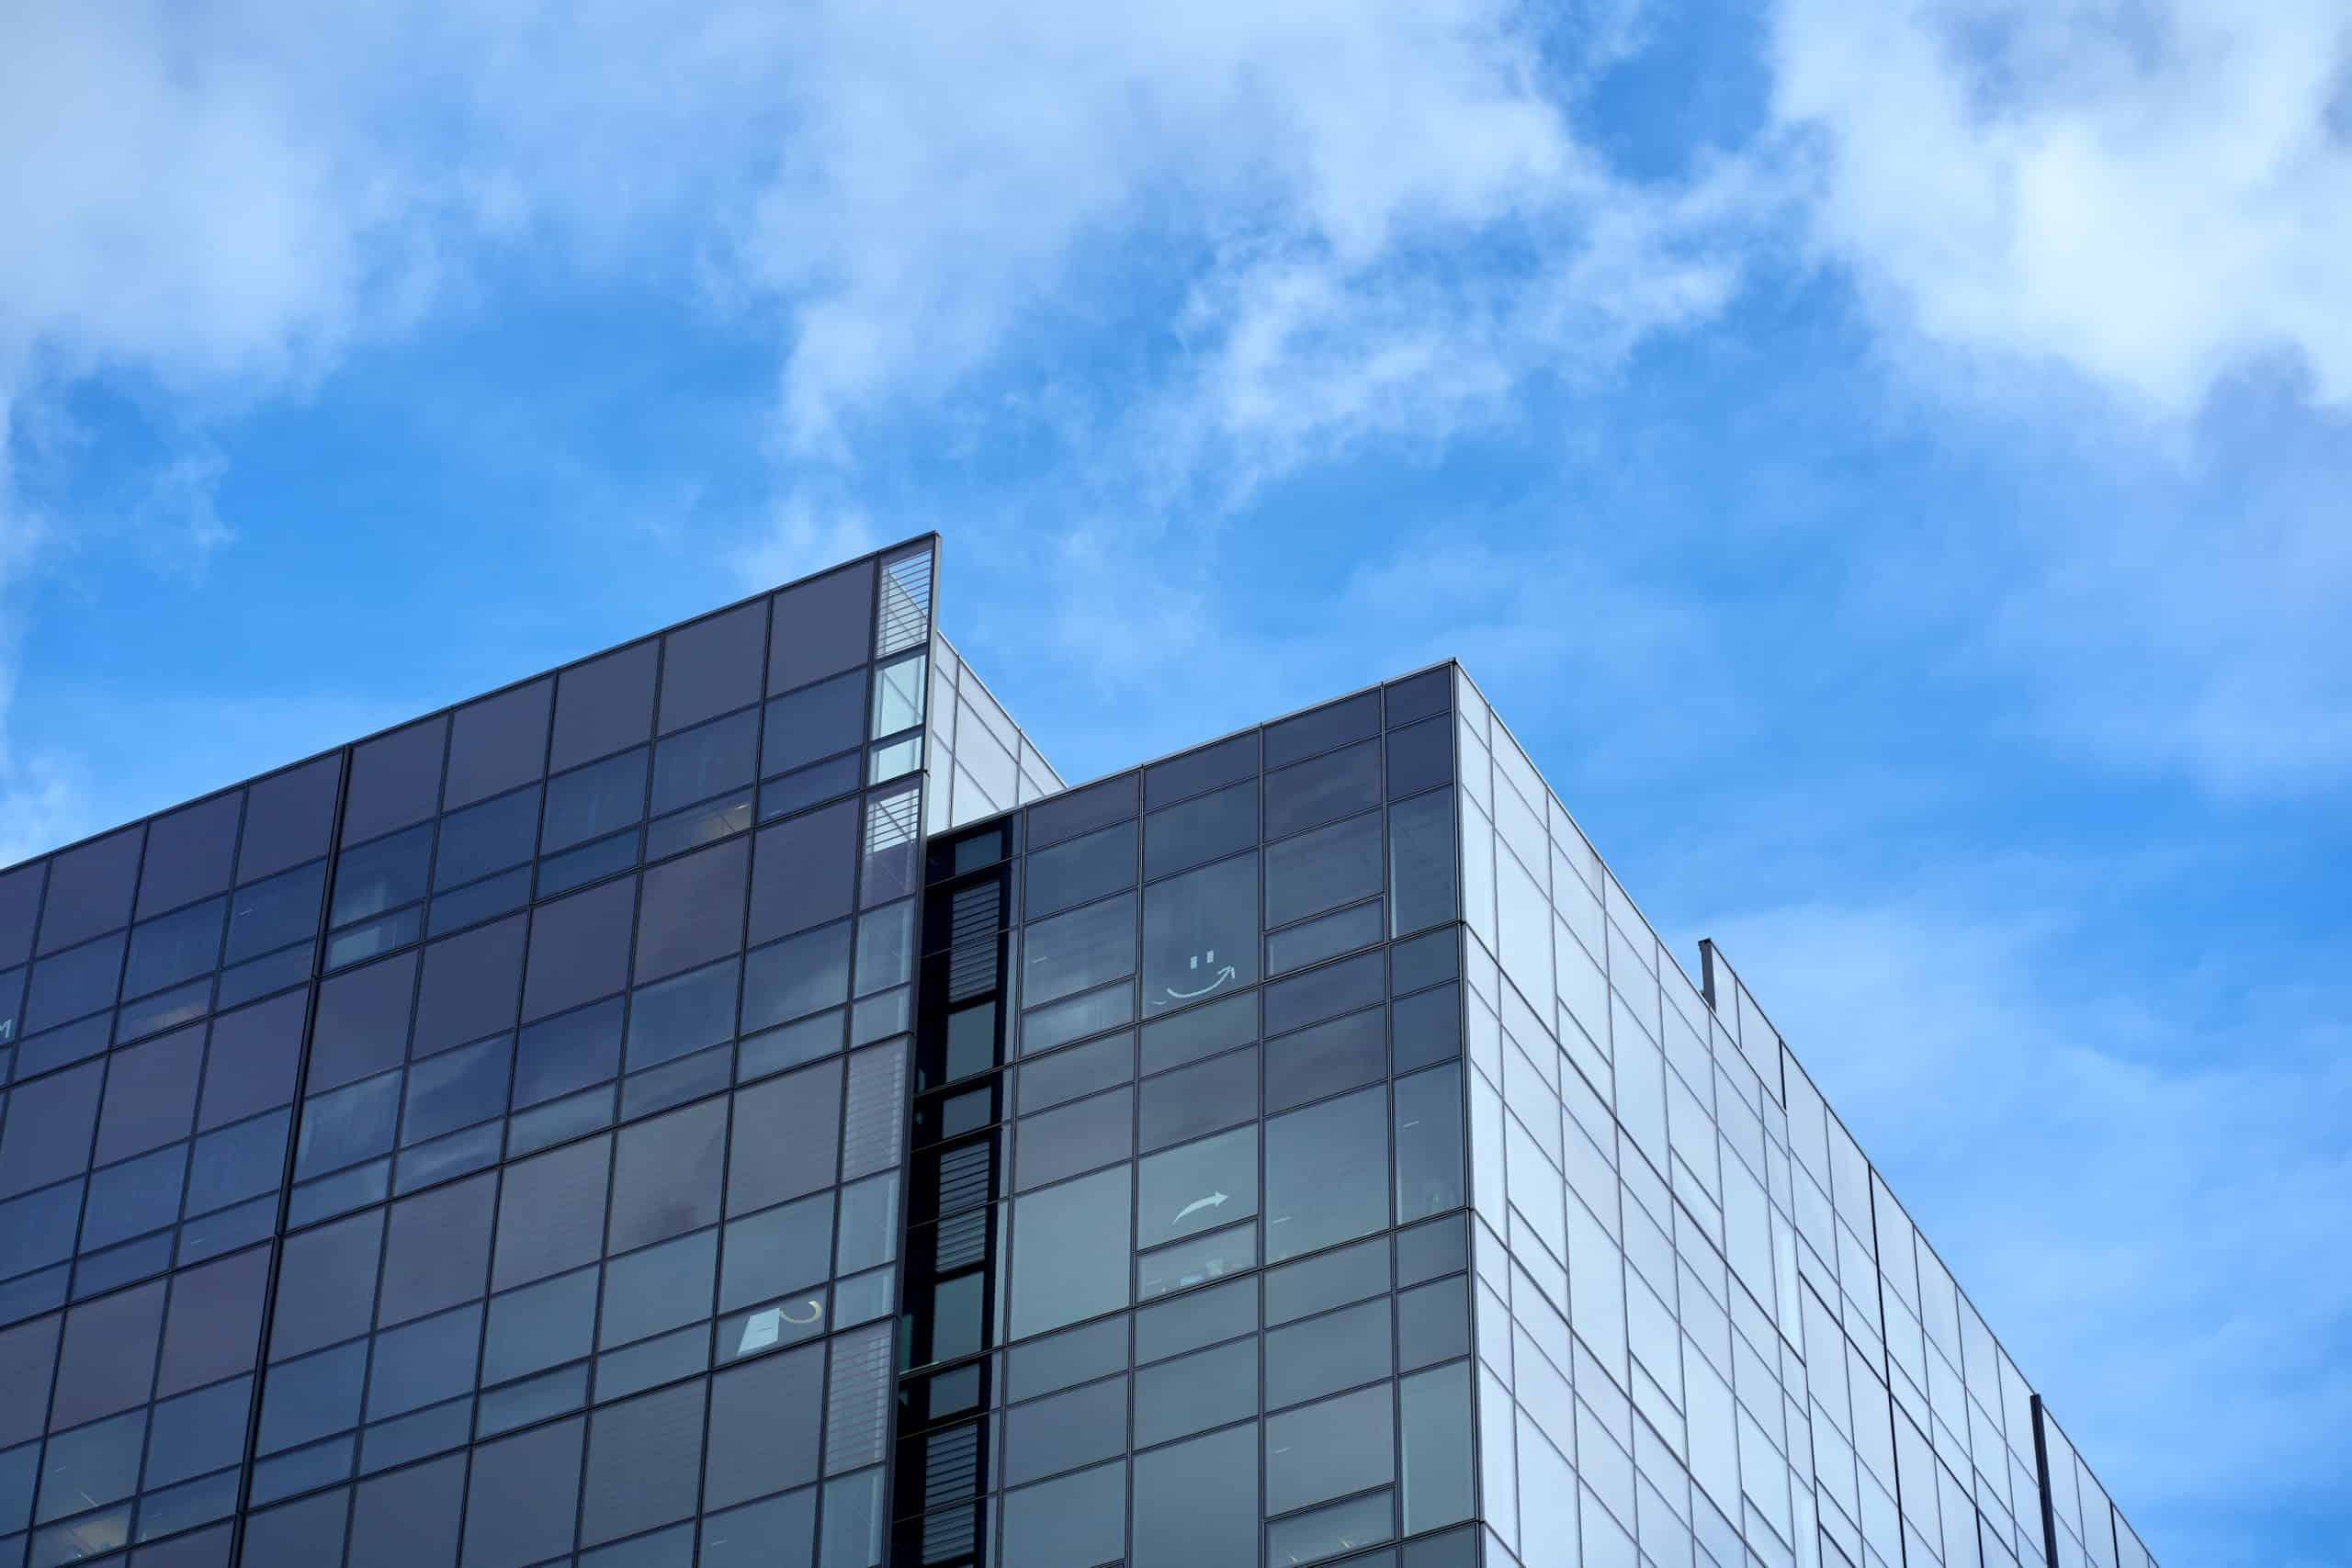 Liste der 3 größten Unternehmen in Leverkusen